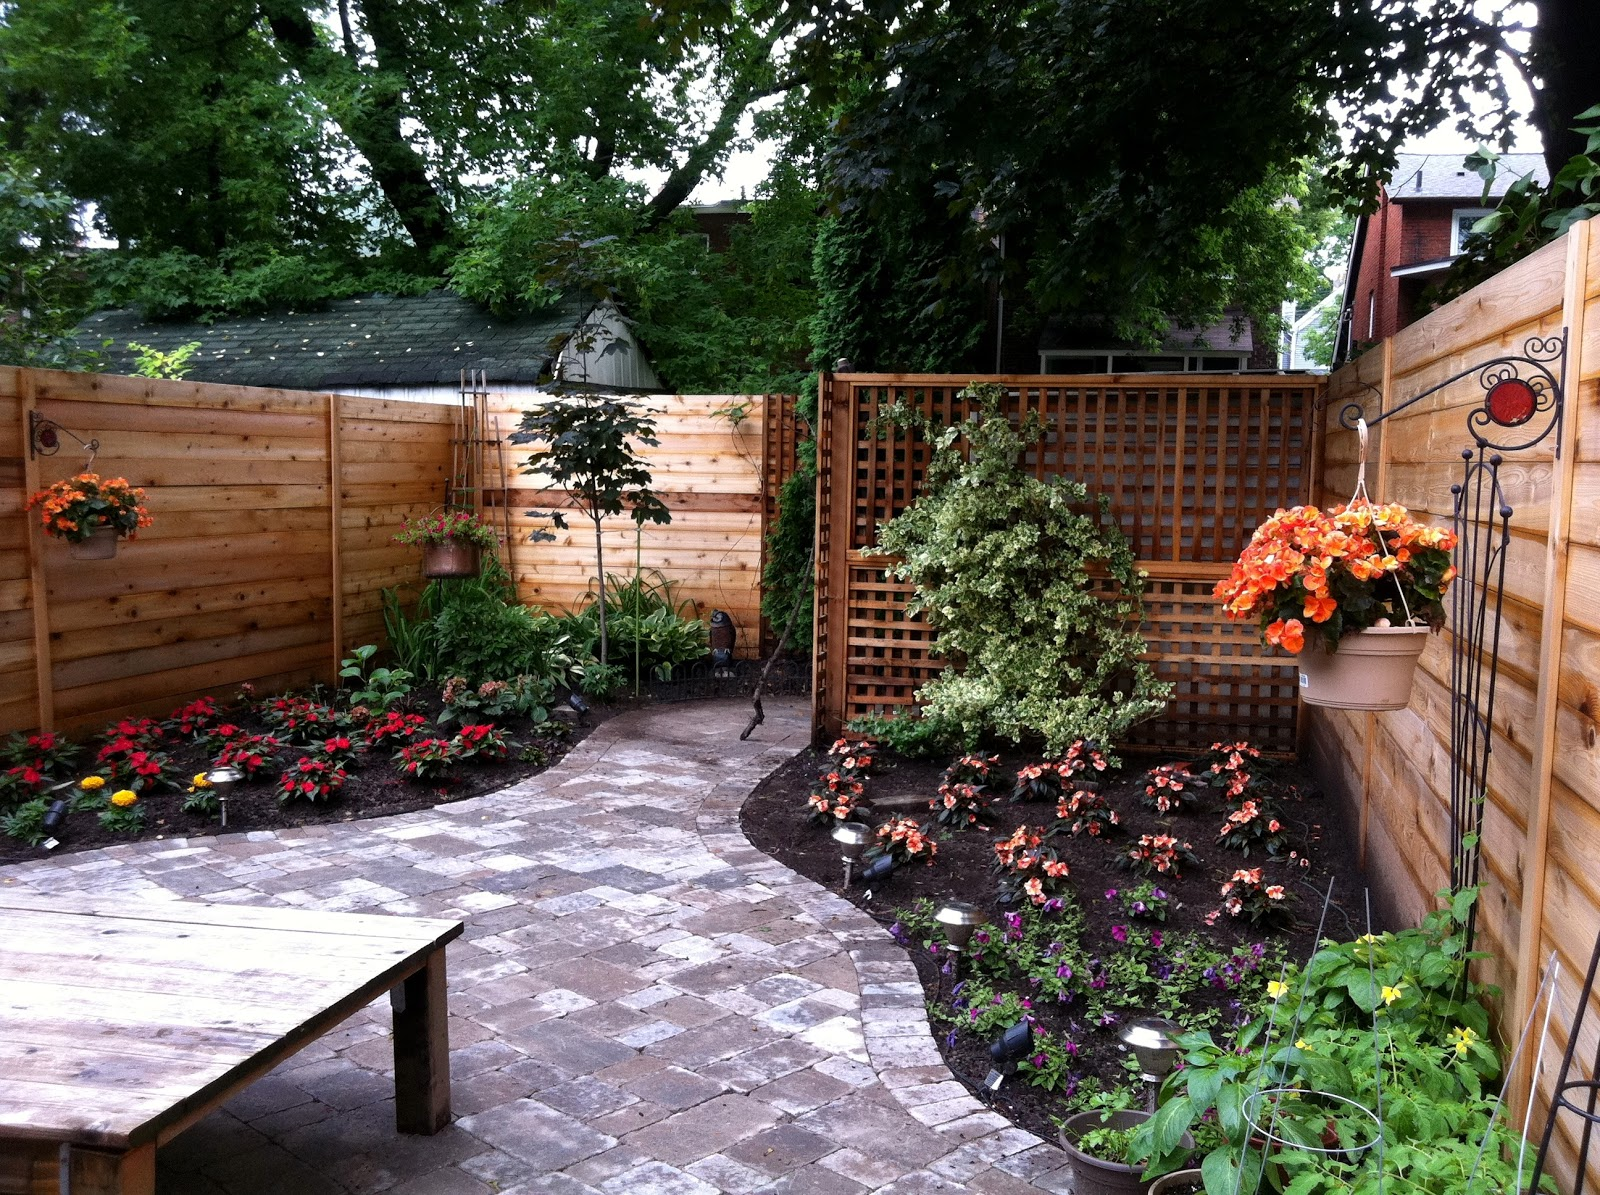 Best Of 60 Garden Design Toronto 2021 - Furniture Ideas ...